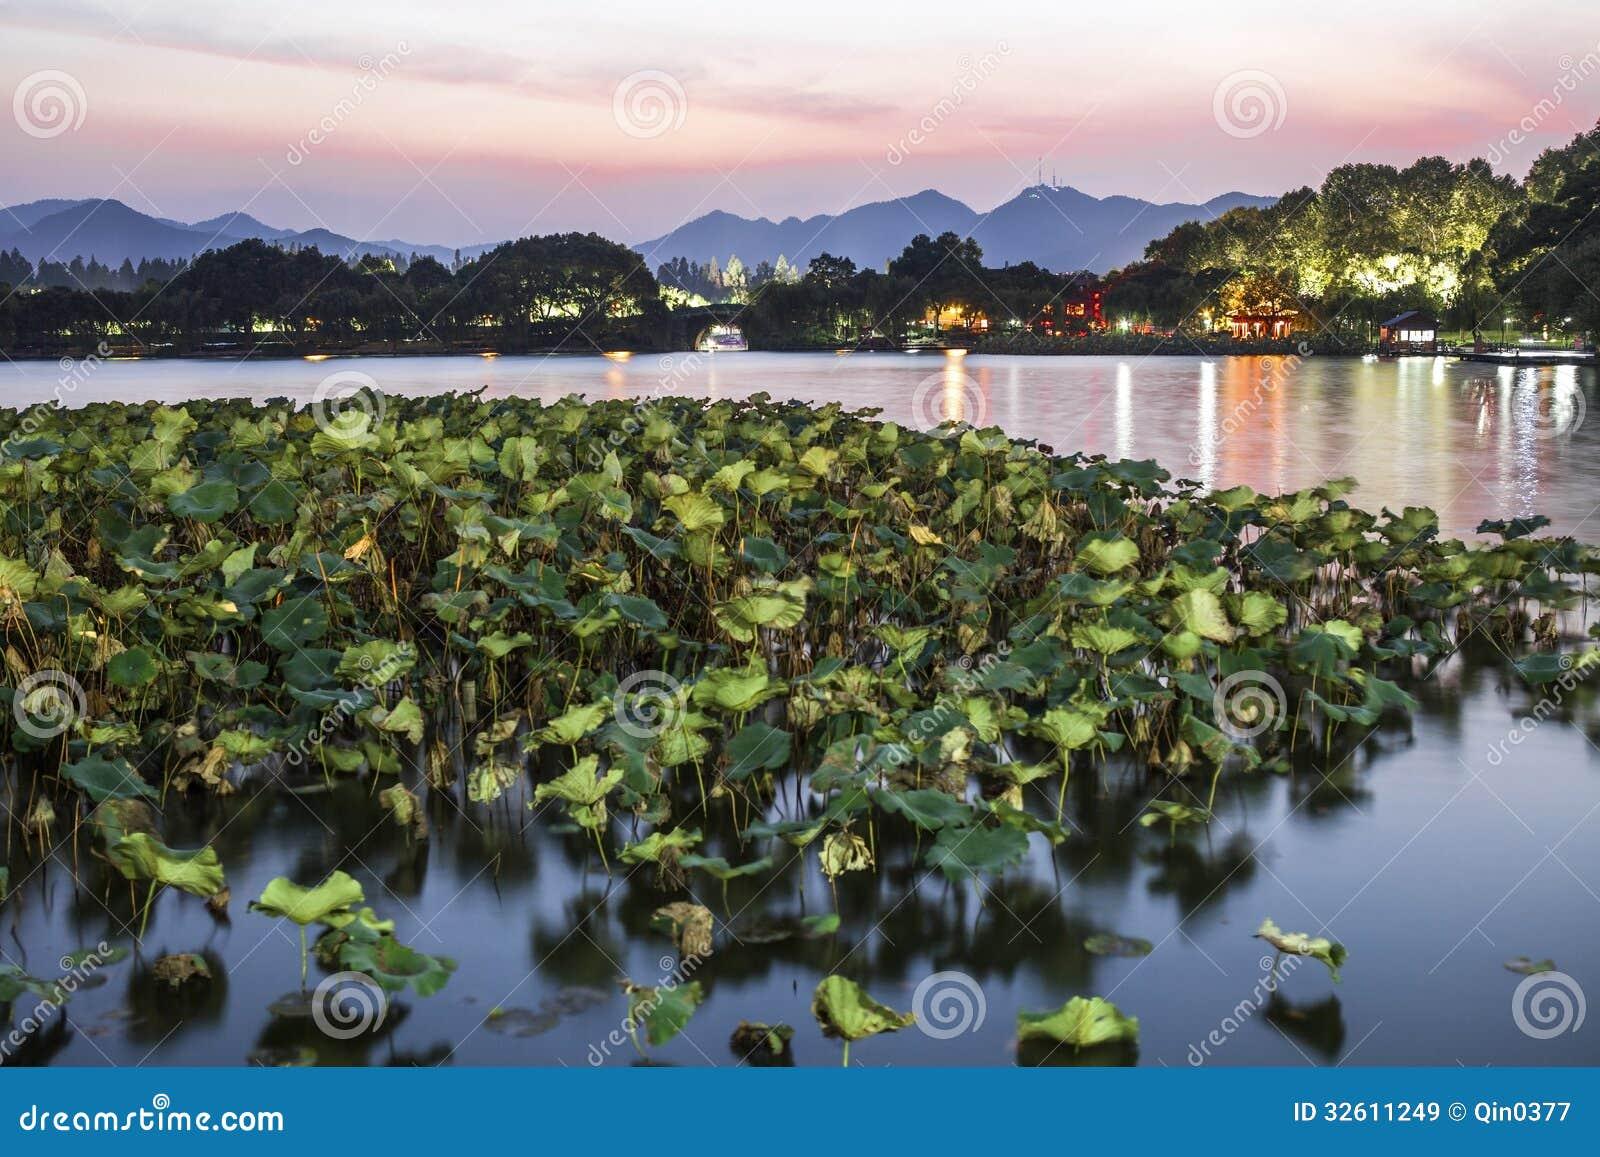 Hangzhou west lake at night